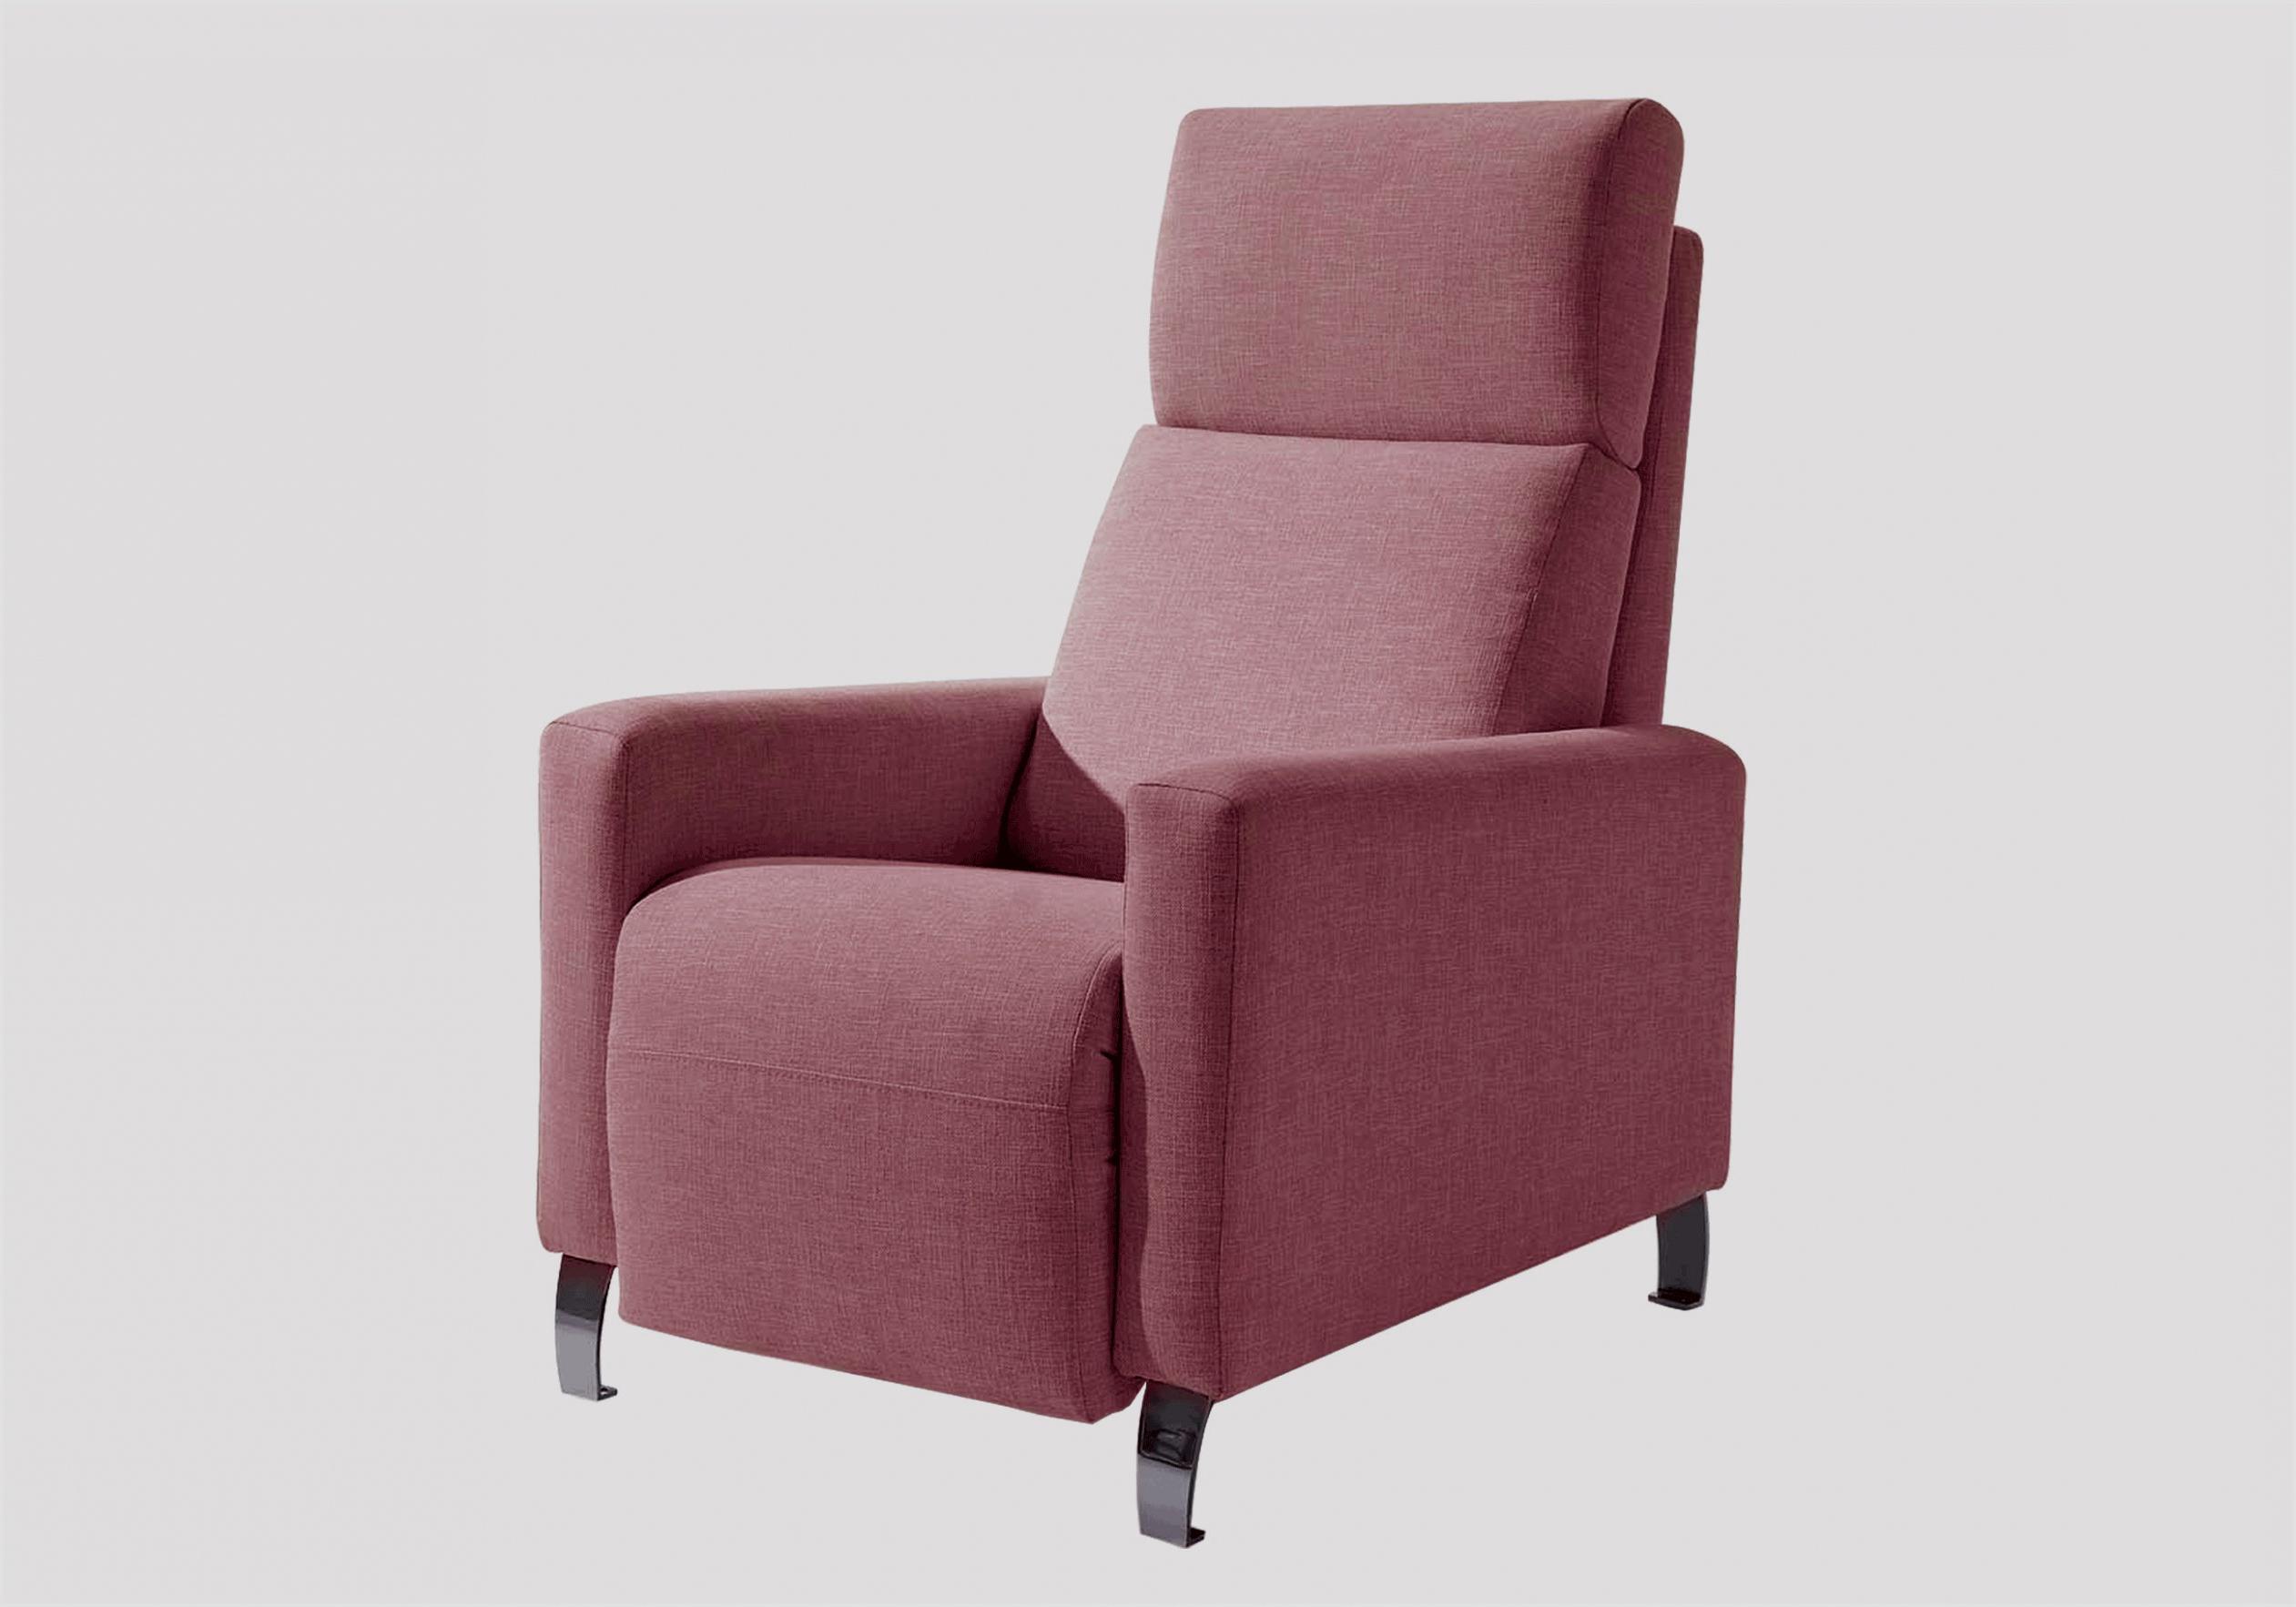 Fundas sofa Baratas Carrefour 87dx Sillones orejeros Baratos Lindo 33 Contemporà Nea sofa Cama Barato